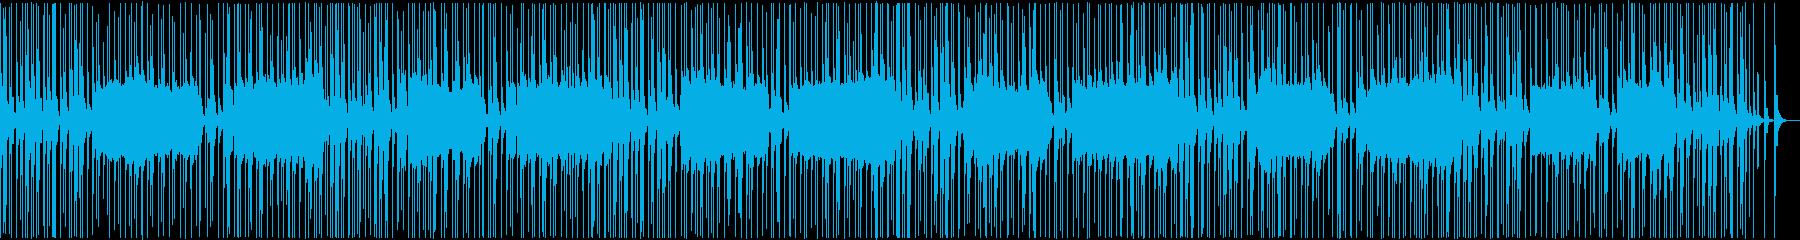 三味線 和風 茨城県民謡 猿島豊年音頭の再生済みの波形